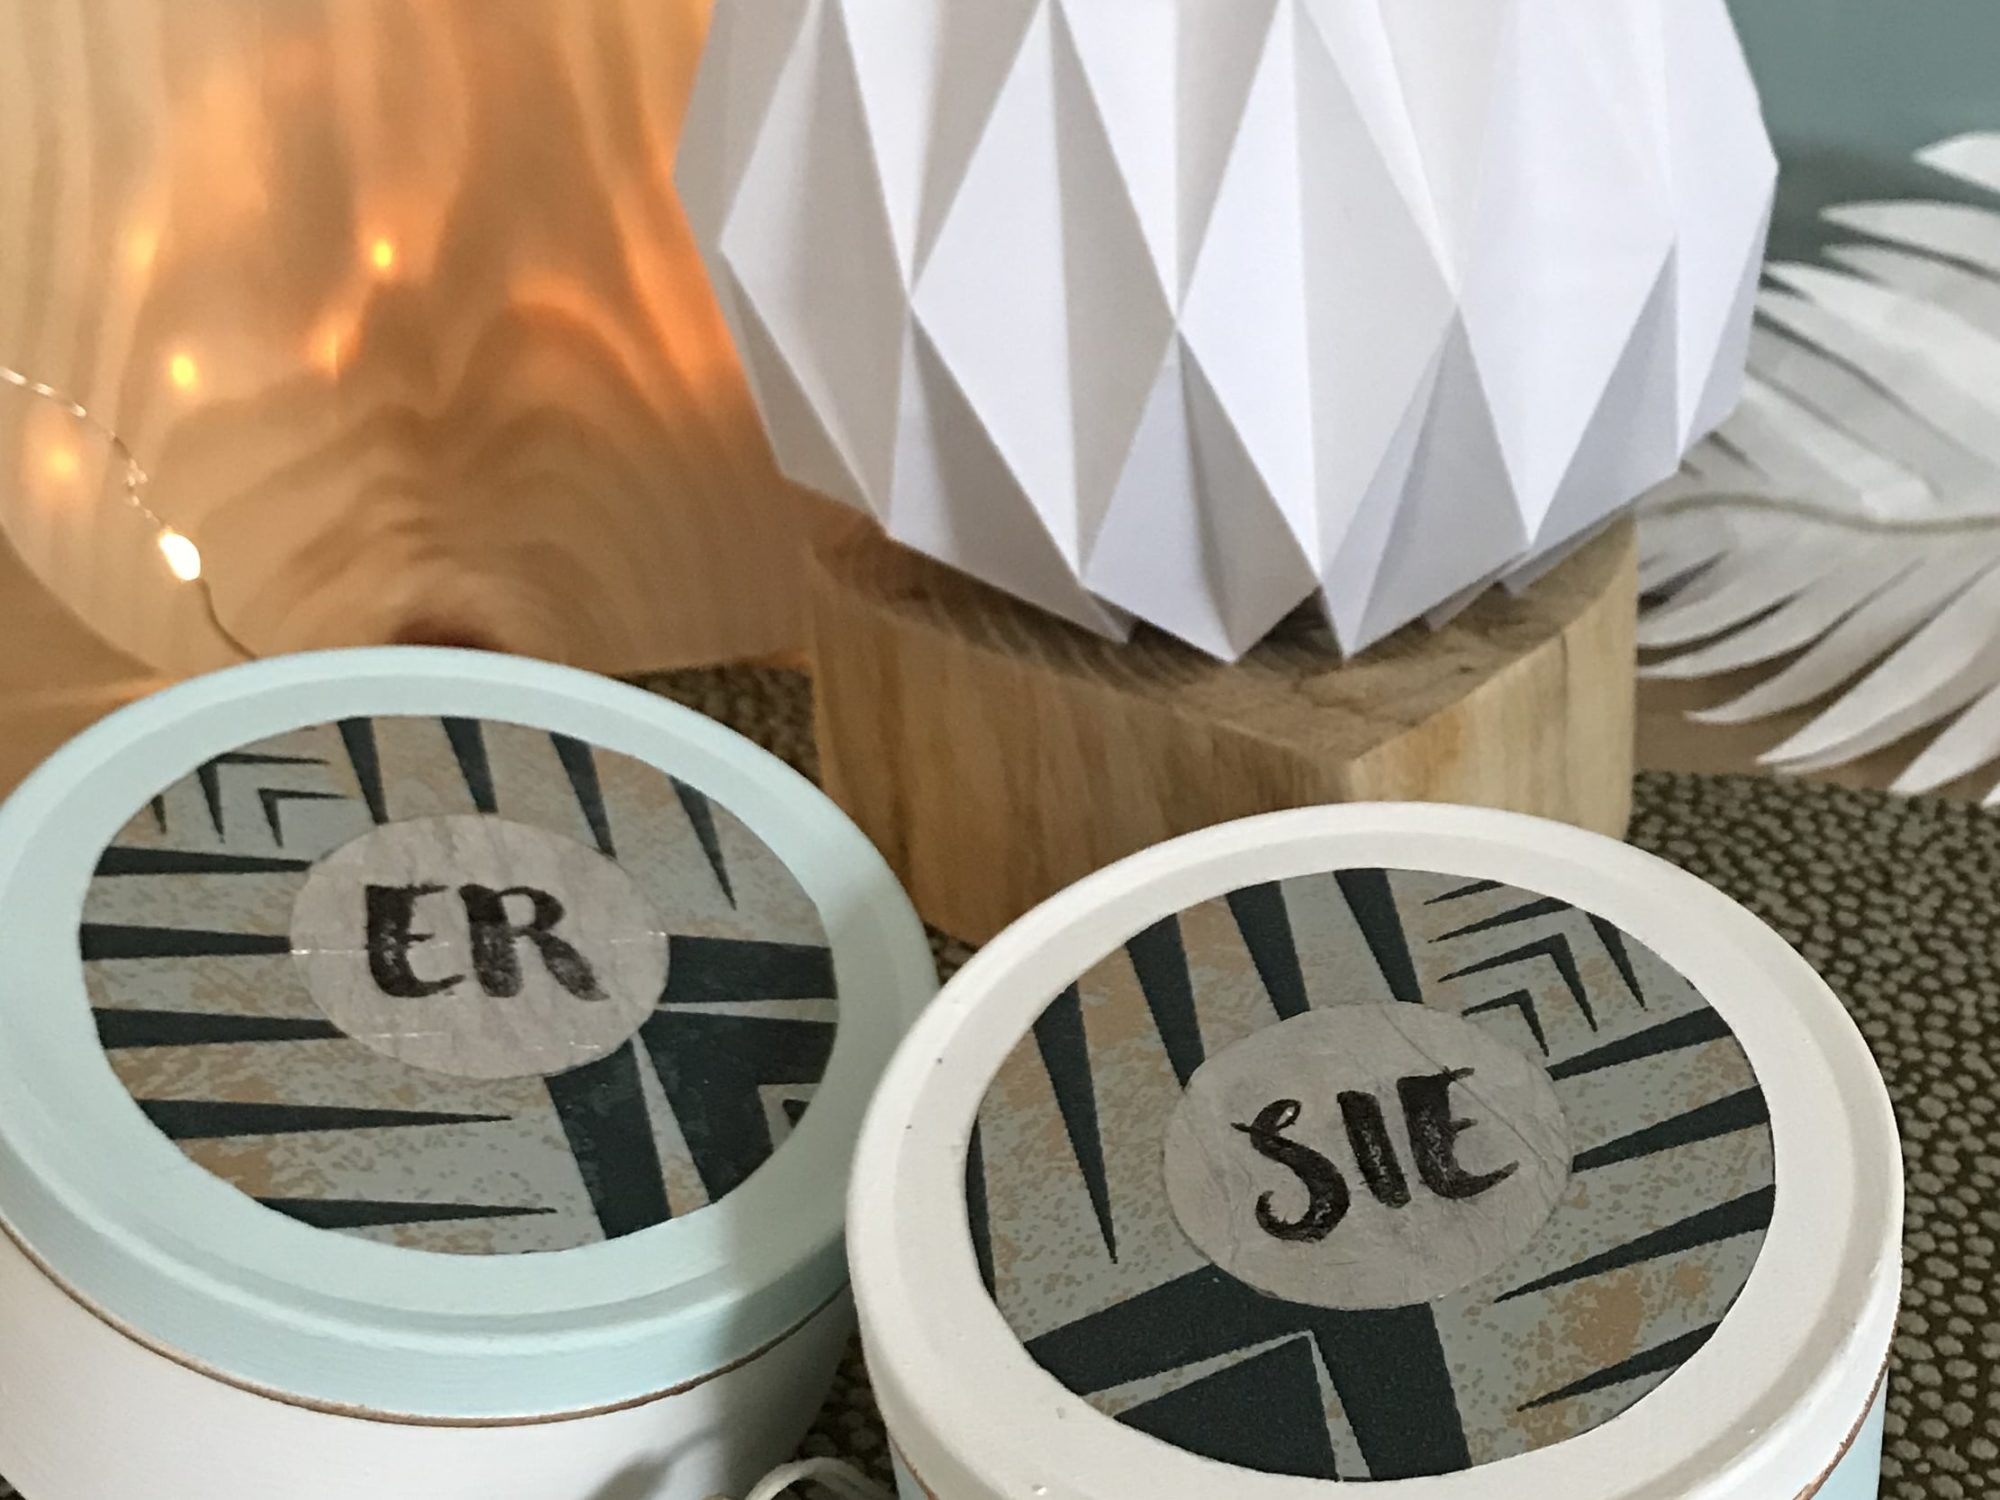 Upcycling-Hochzeitsgeschenk basteln-Die Partnerdose. Mit einem Blechdosen Upcycling ein Geldgeschenk basteln. Persönliches Hochzeitsgeschenk selbstgemacht. #chalet8 #Hochzeitsgeschenk #Blechdose